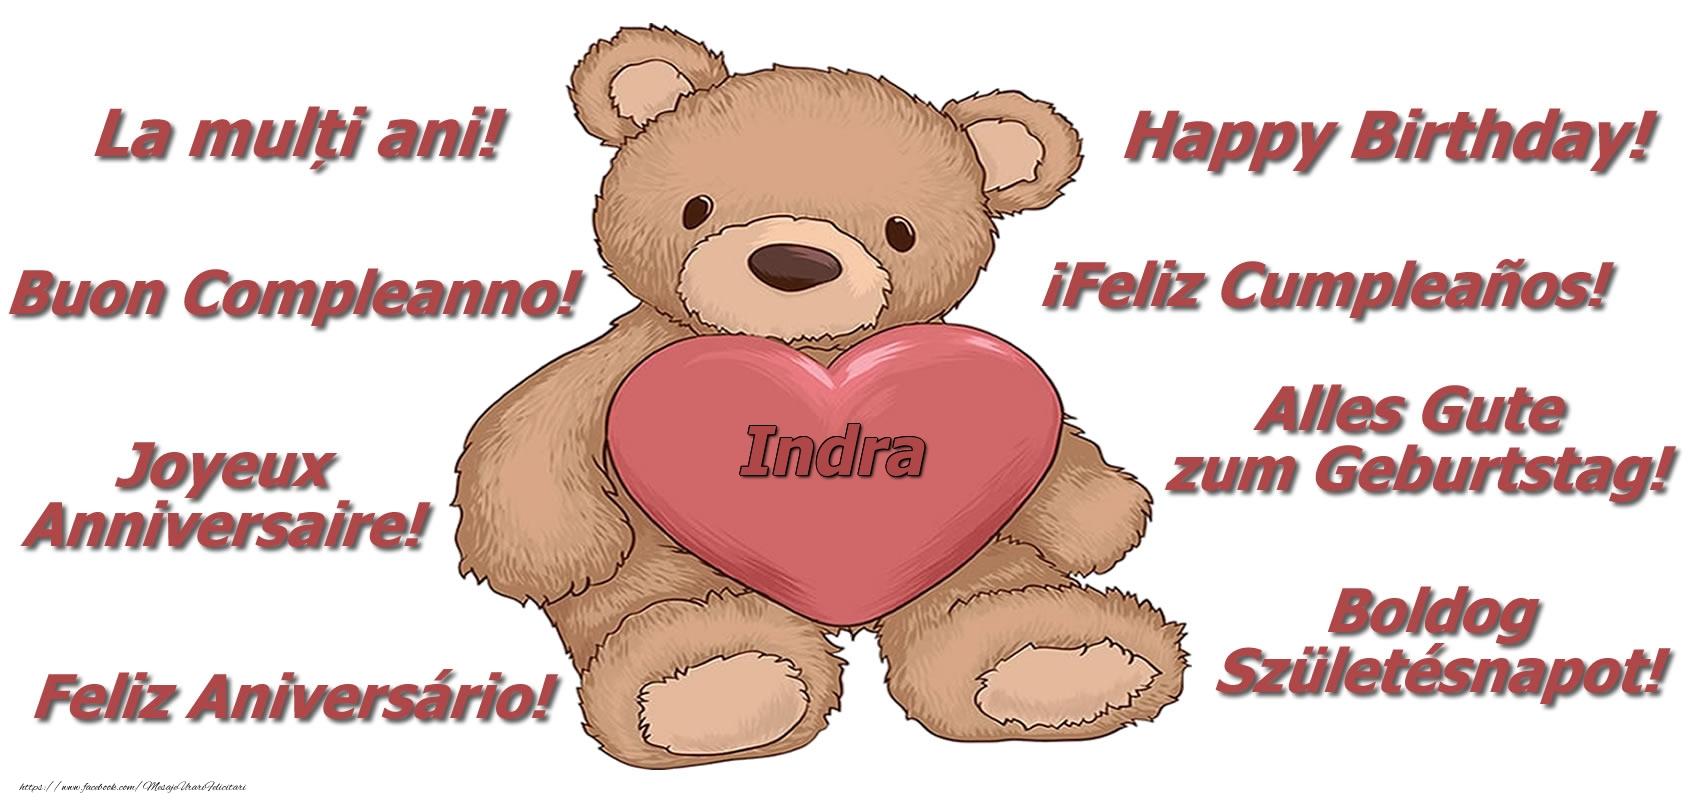 Felicitari de zi de nastere - La multi ani Indra! - Ursulet